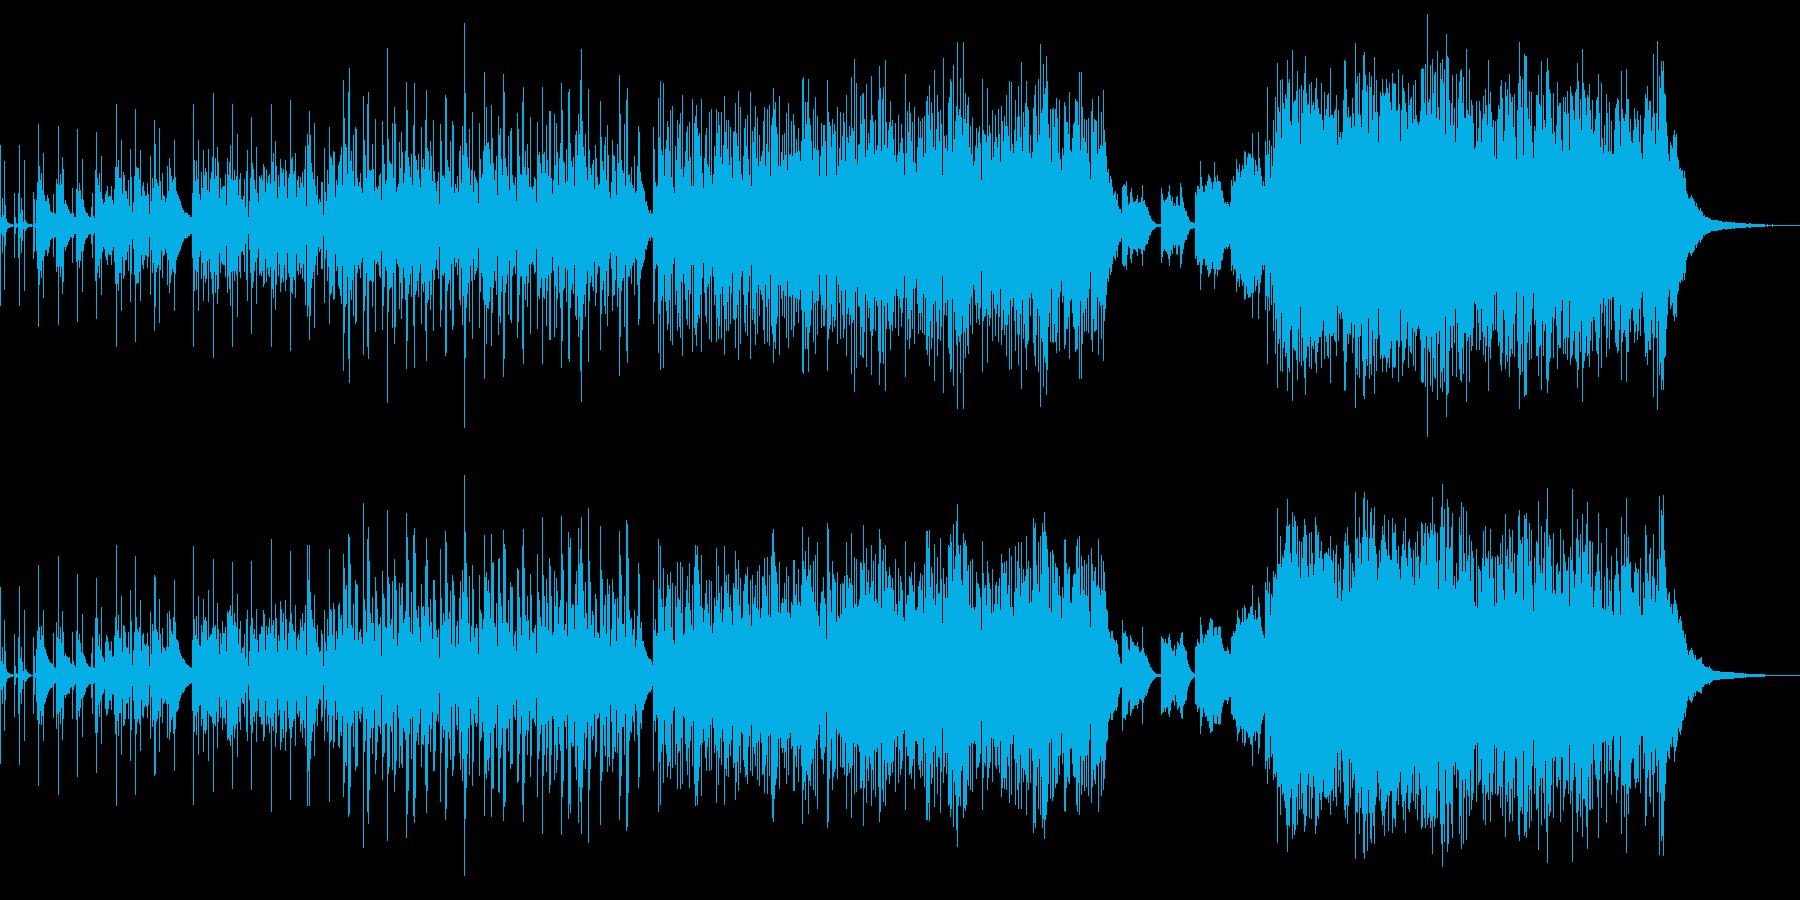 ミステリー:OP・ED用BGM3の再生済みの波形